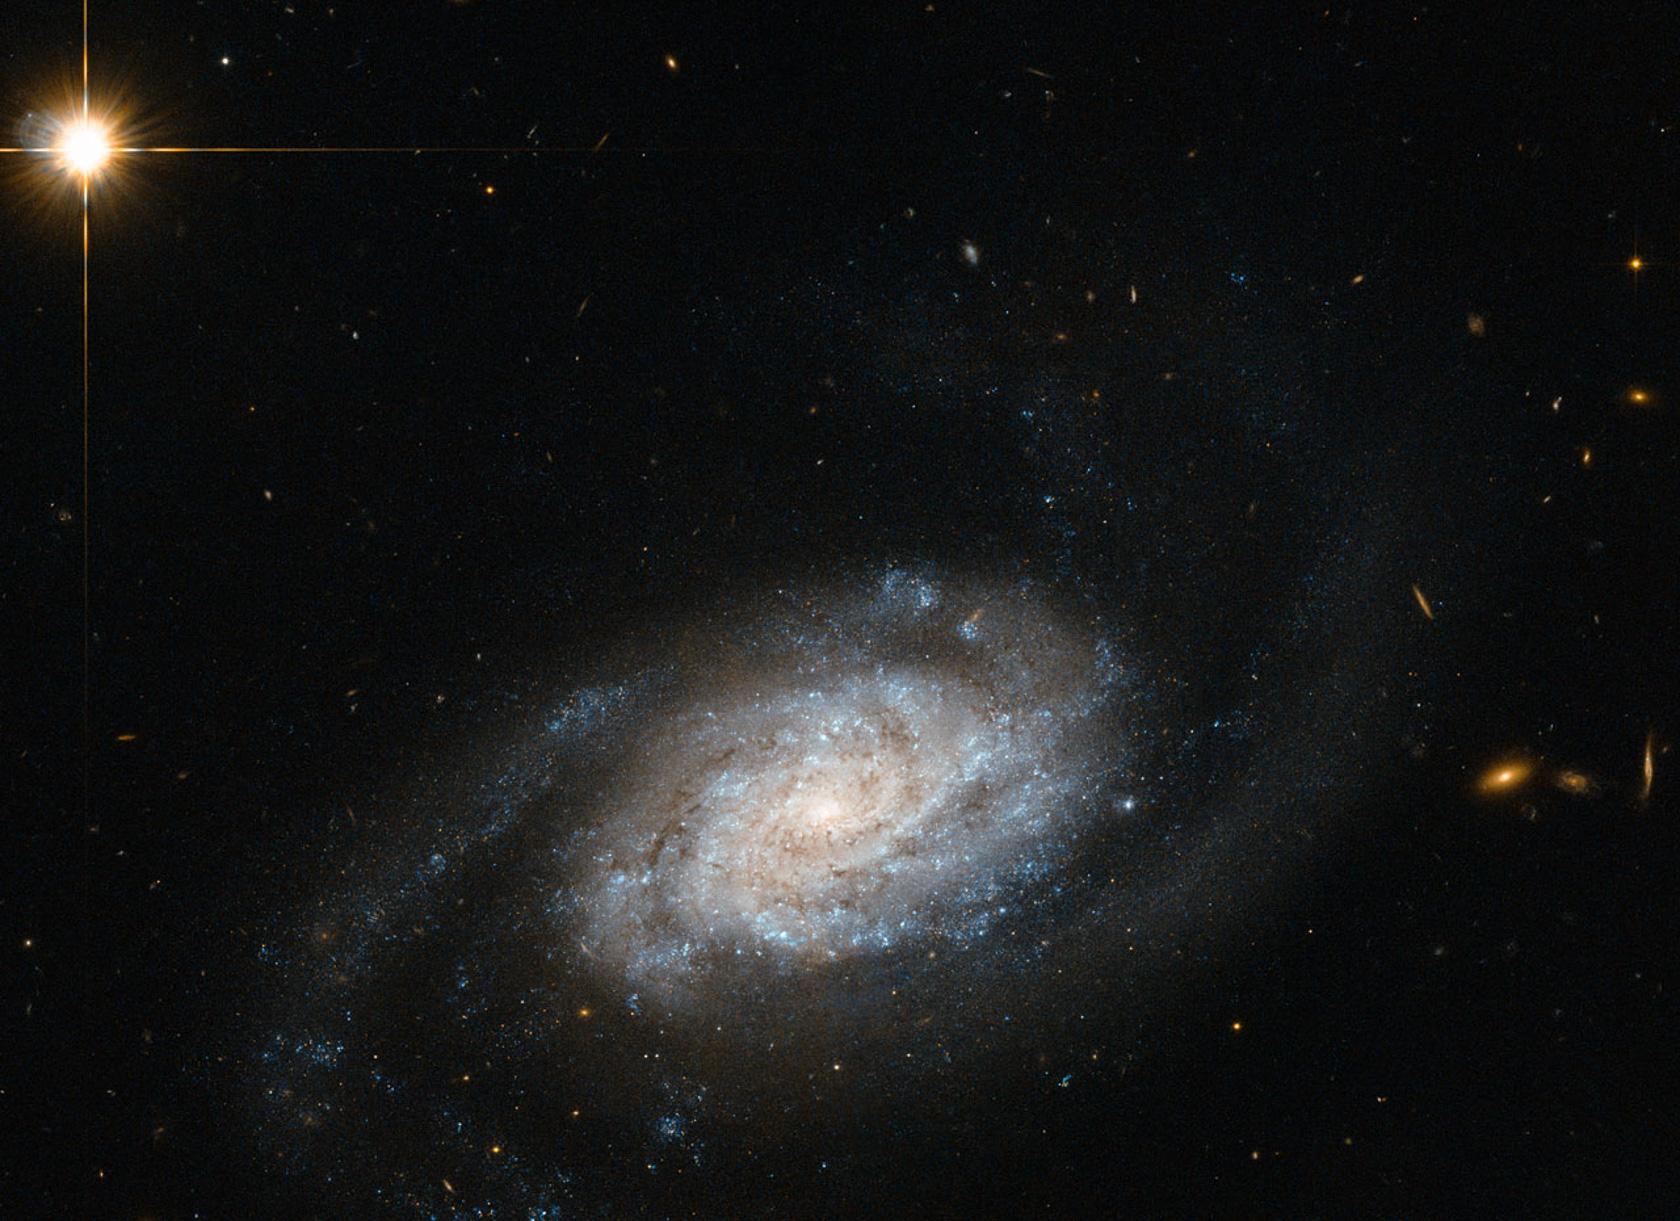 Nel 1994 all'interno della galassia NGC 3370 è stata scoperta una supernova la cui luce, al momento dell'esplosione, ha raggiunto la Terra